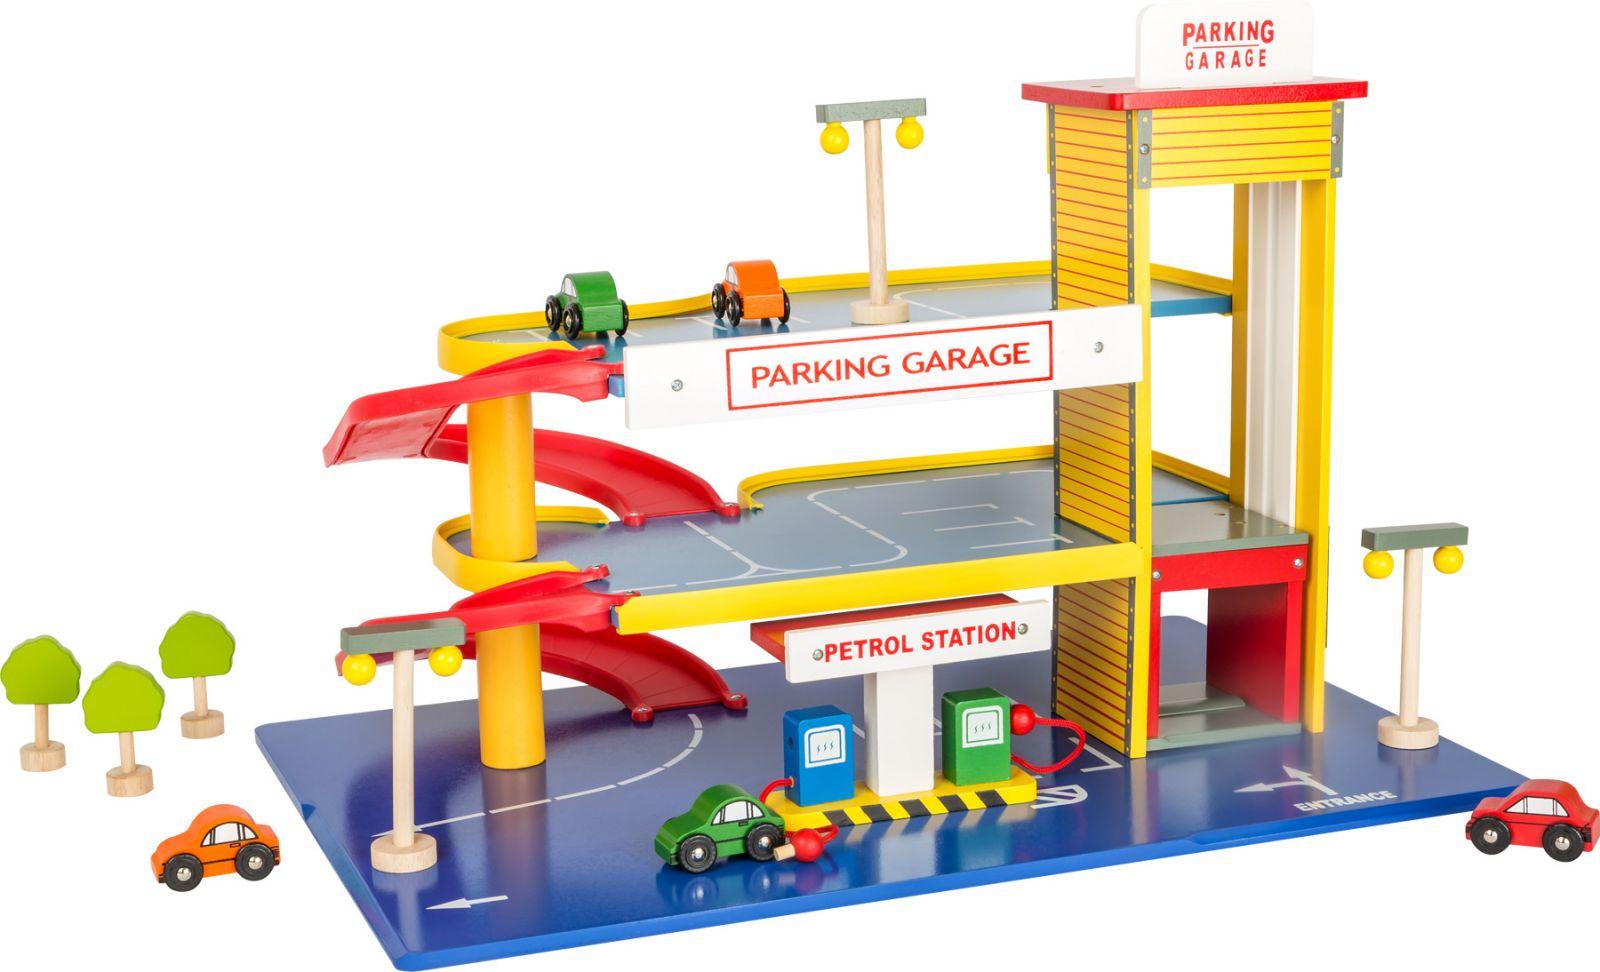 Dřevěné hračky Small Foot Dřevěná garáž - parkovací dům poškozený obal Small foot by Legler